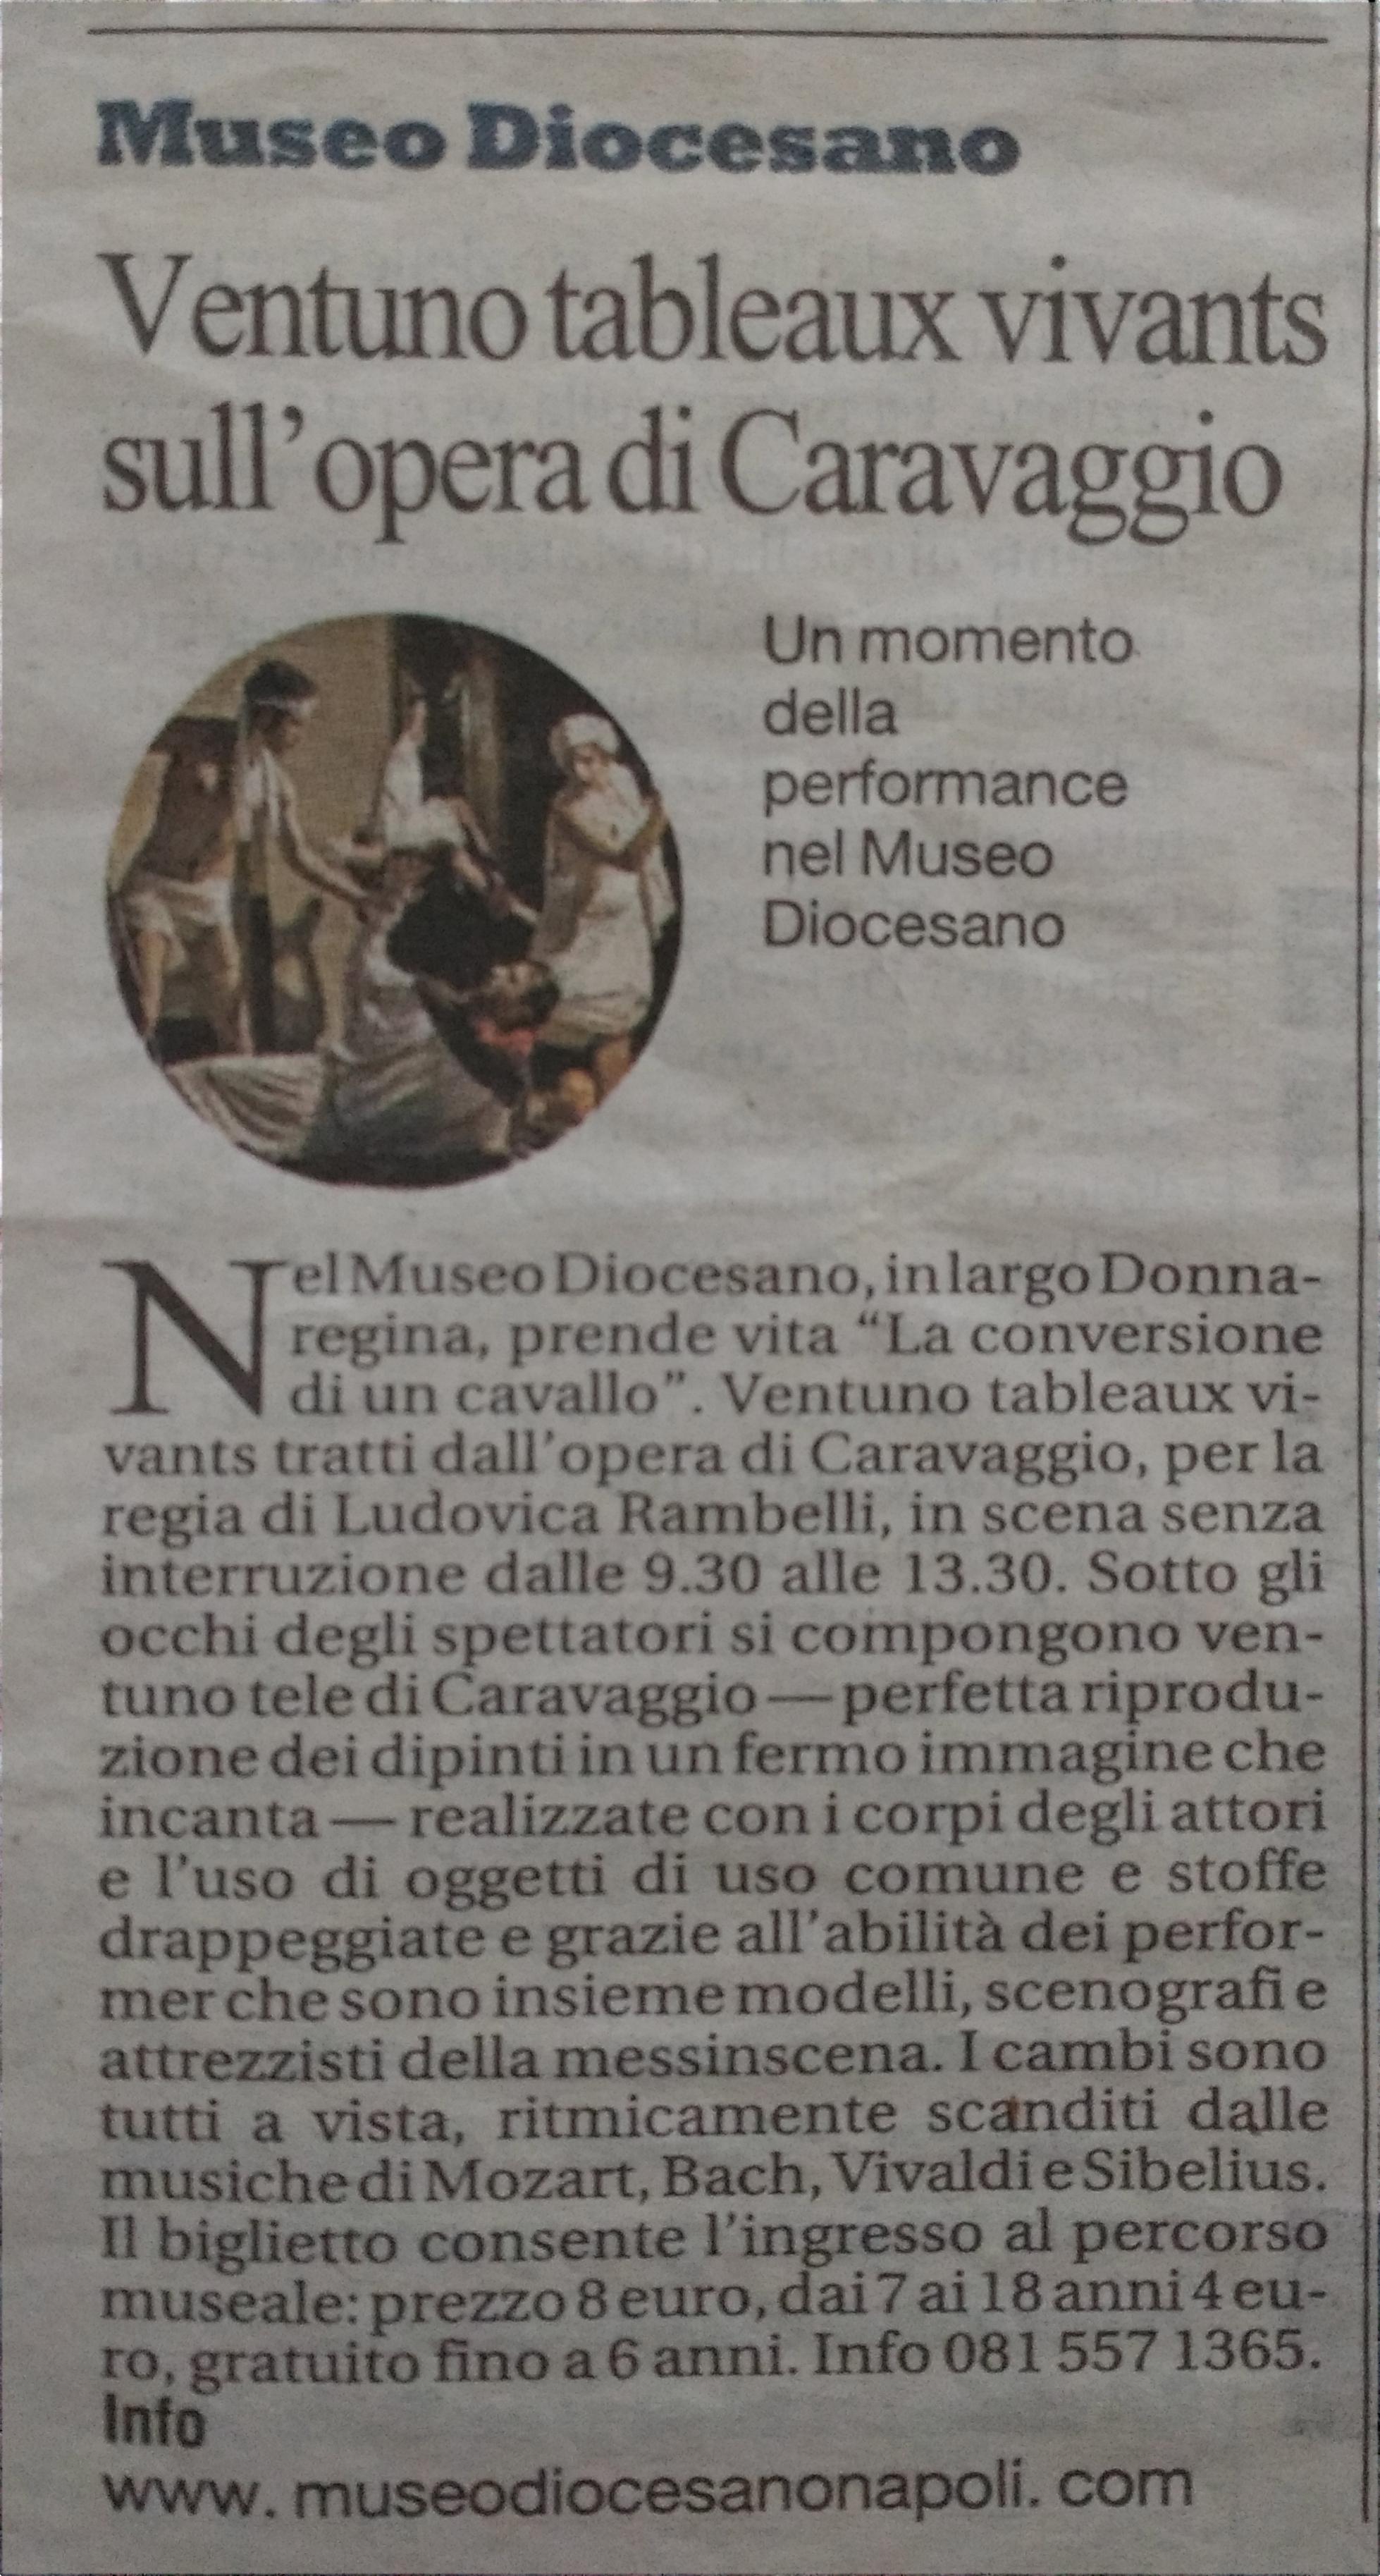 Repubblica ed. Napoli | 28/10/2016